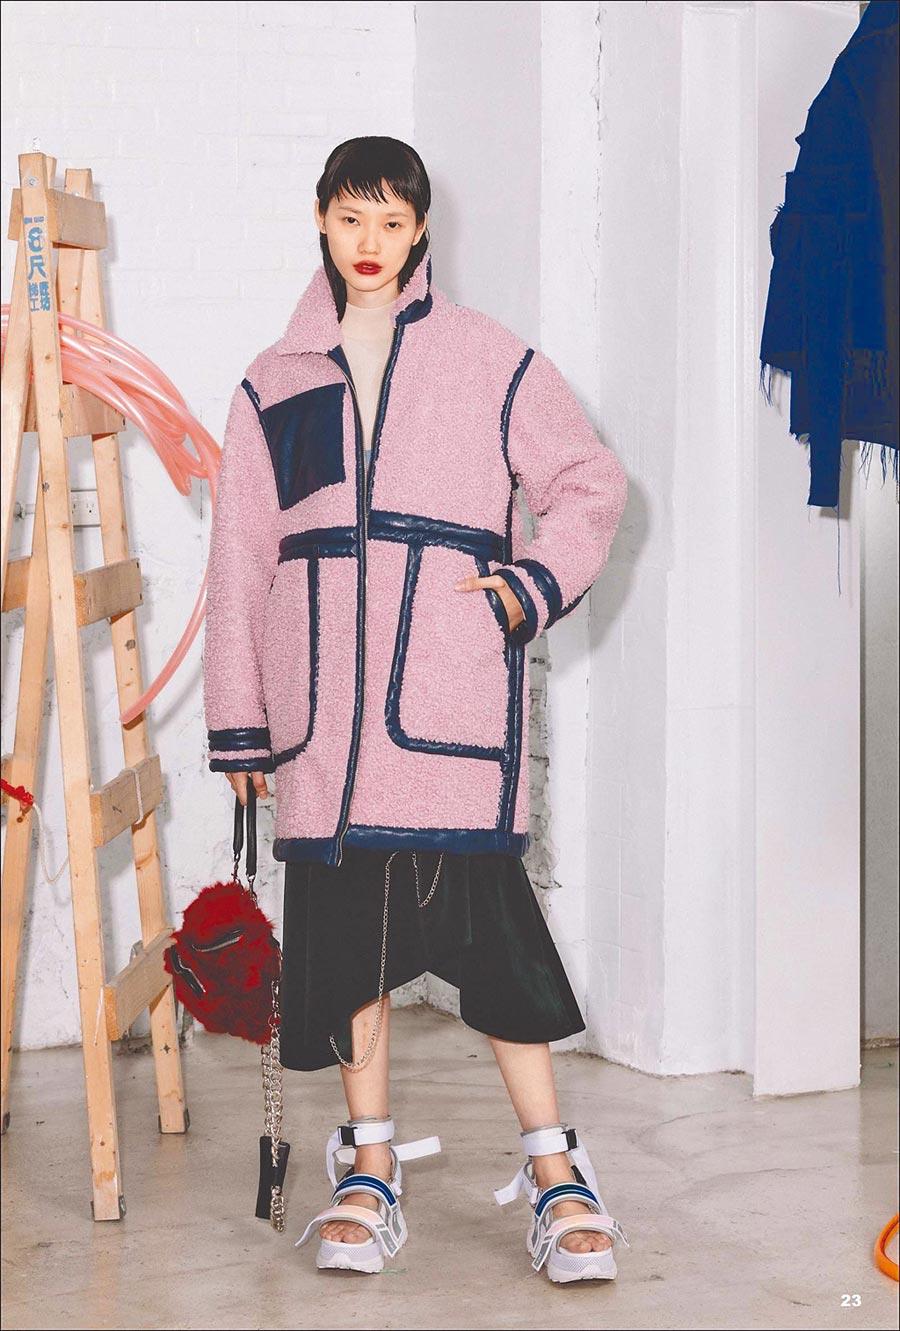 以粉色大型剪羊毛夾克搭配涼鞋,打造另一種秋冬的自在舒適造型,粉色羊毛夾克3萬2800元、Molly Skirt 1萬6400元。(Jamie Wei Huang提供)